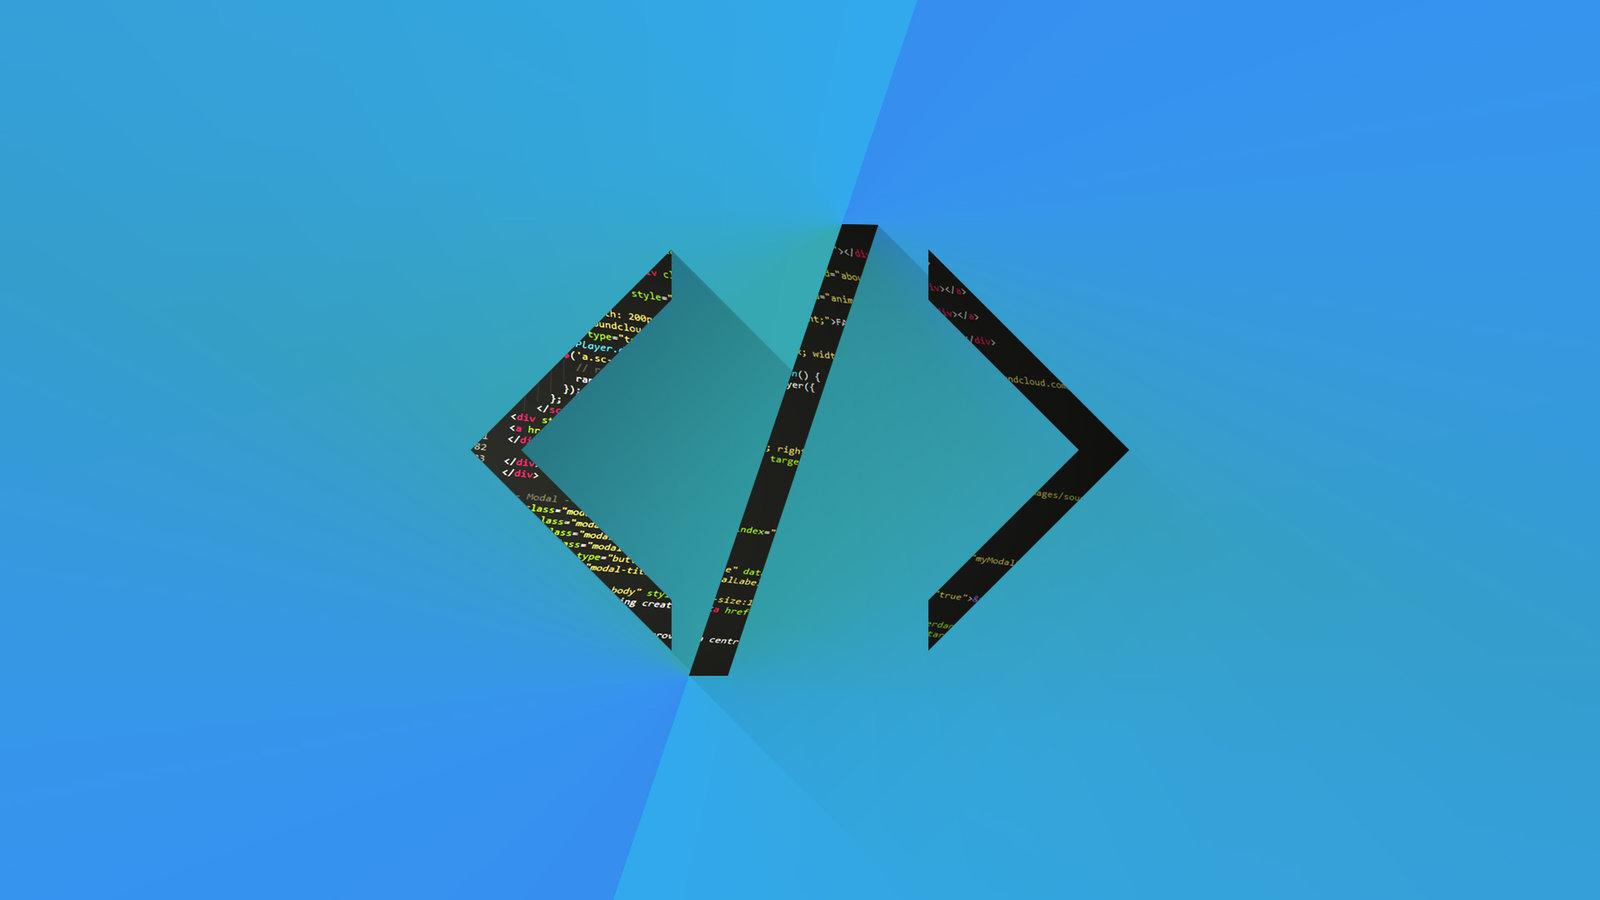 Web Developer Wallpaper Code by PlusJack 1600x900